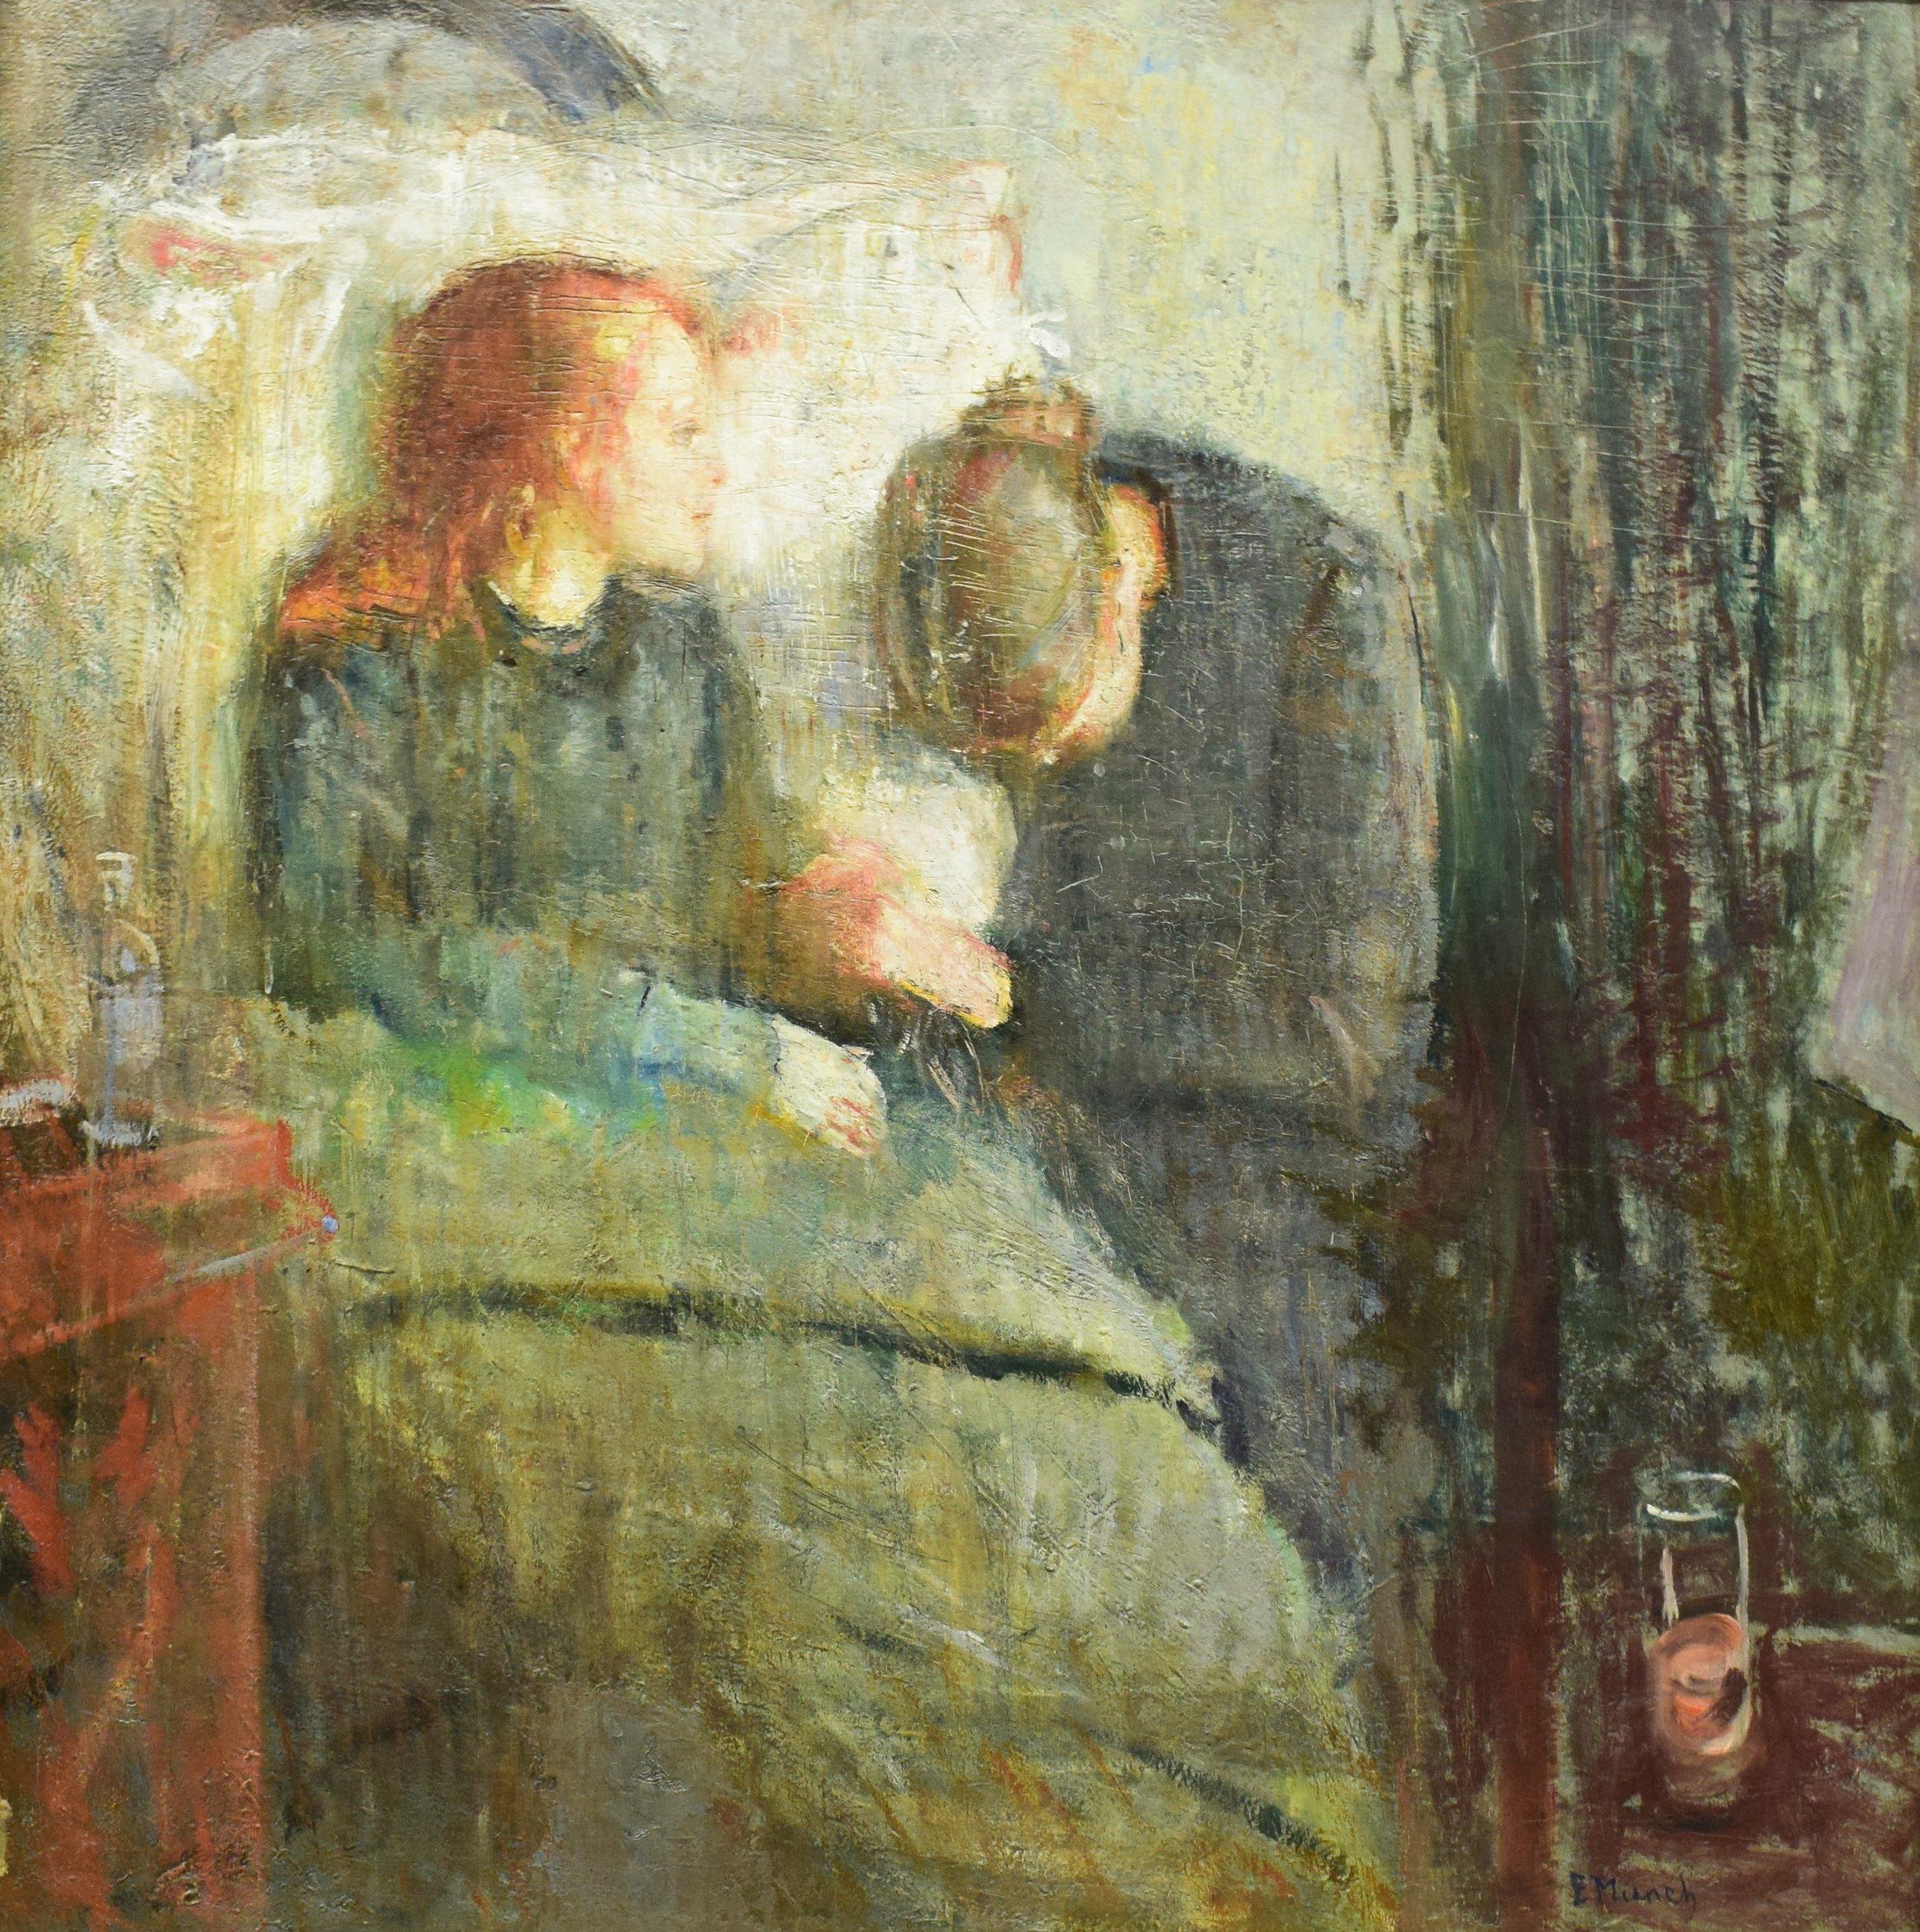 Edvard Munch, The Sick Child, 1885-86, Nasjonalmuseet